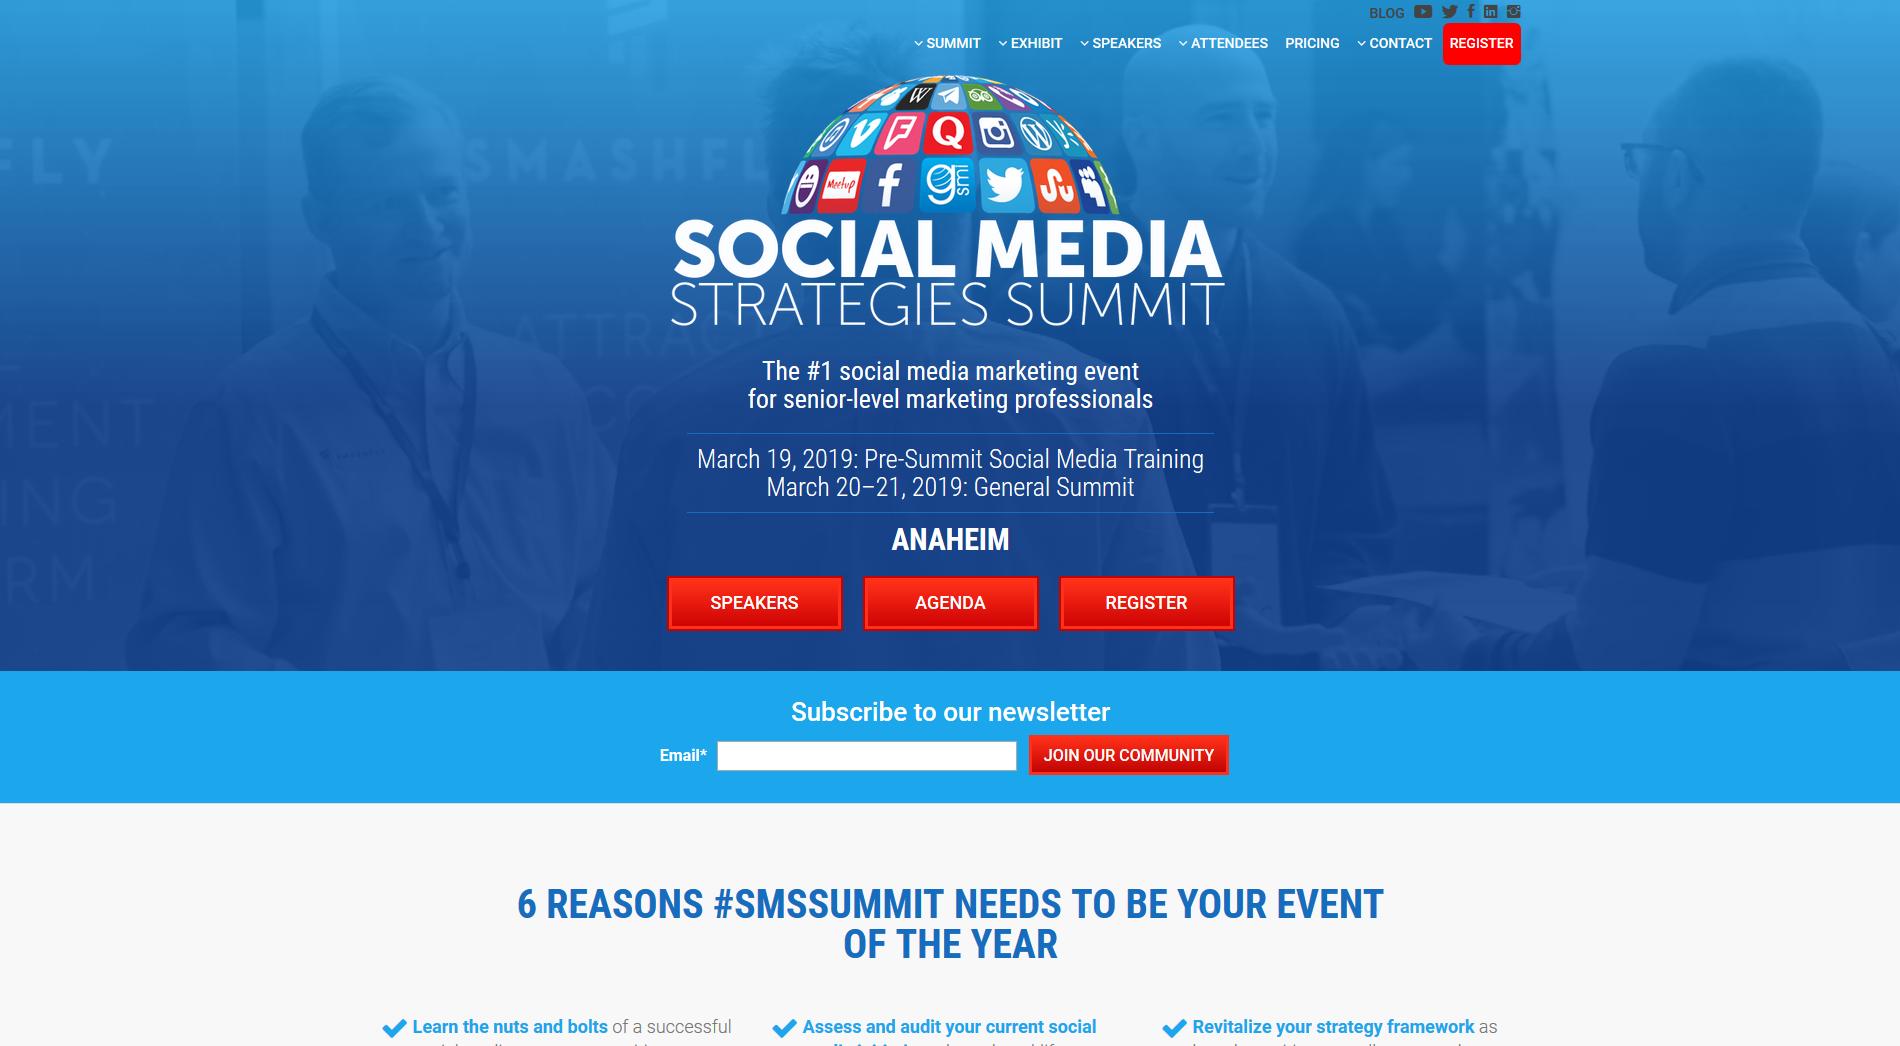 Social Media Strategies Summit will be in Anaheim